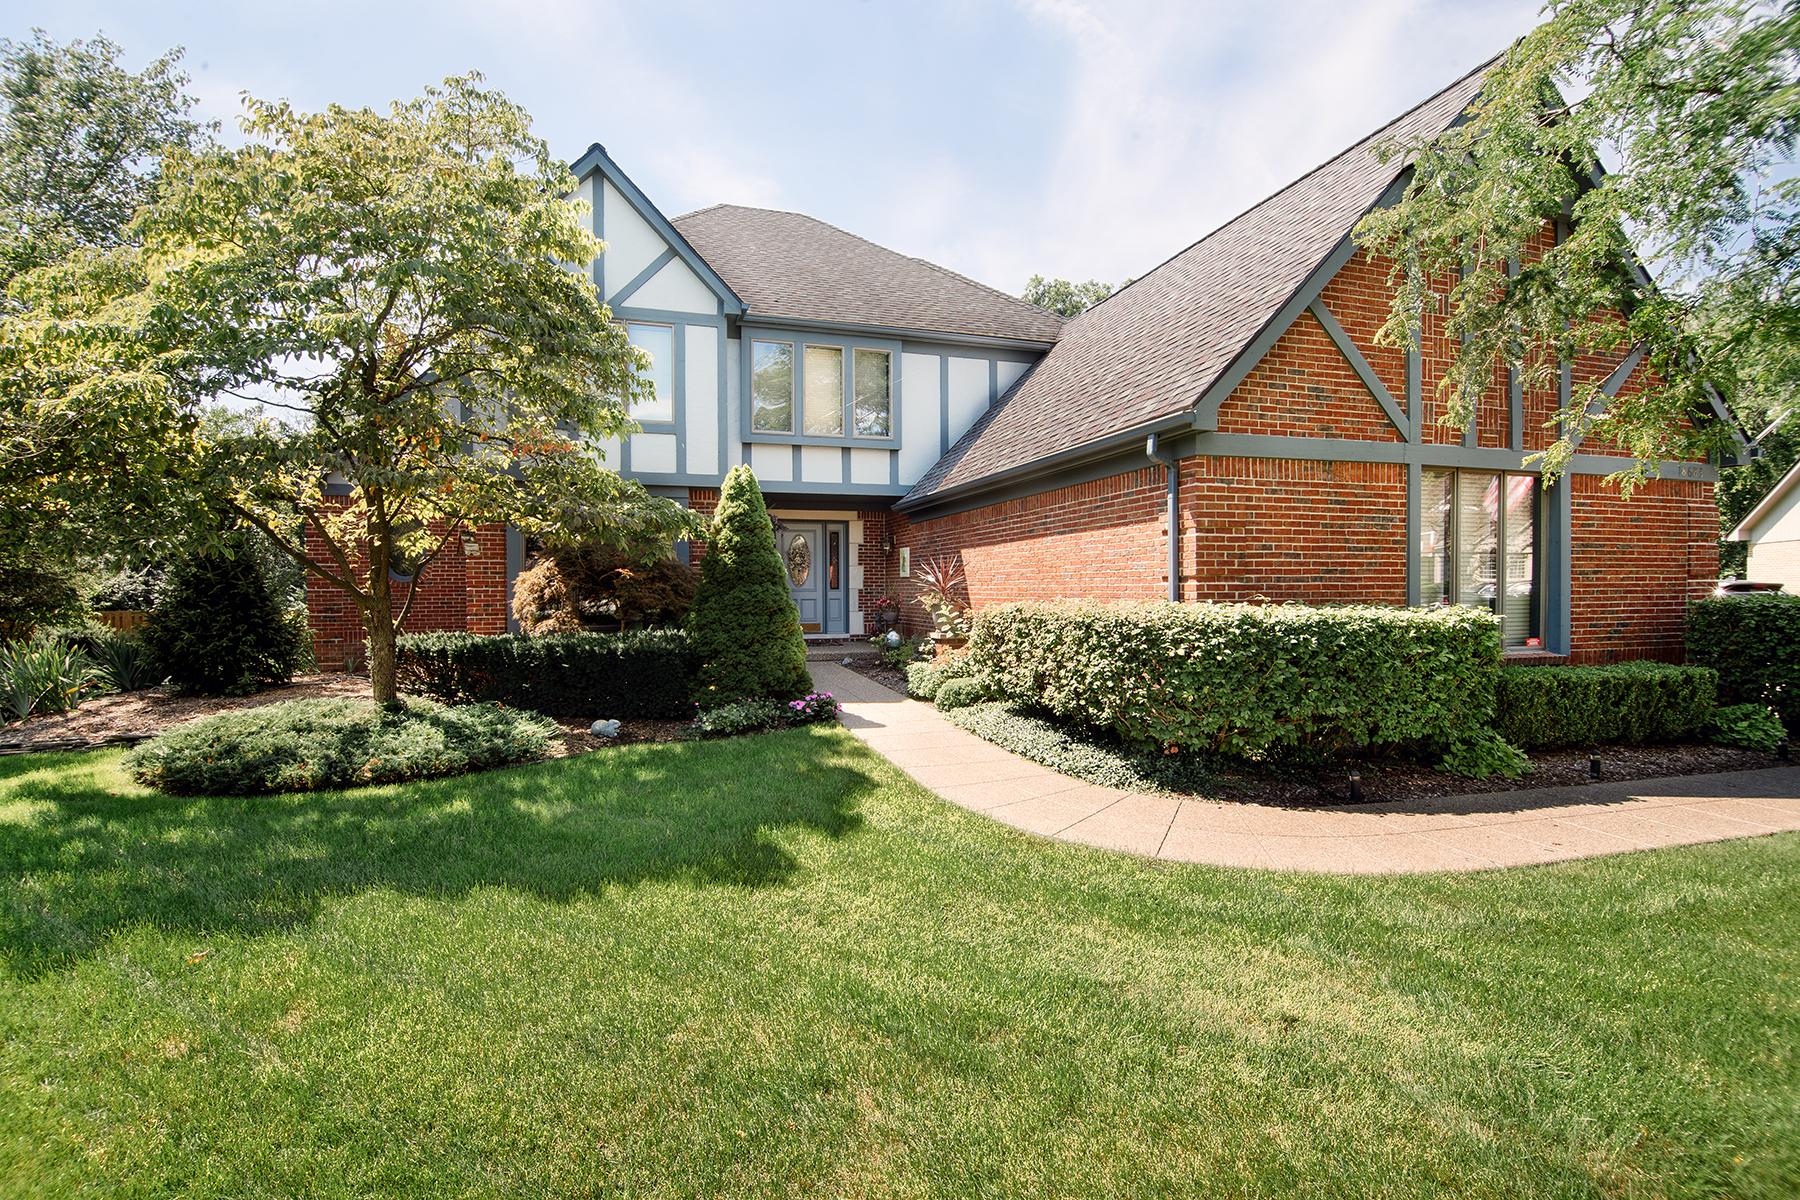 Maison unifamiliale pour l à vendre à Livonia 18683 Gary Lane, Livonia, Michigan, 48152 États-Unis